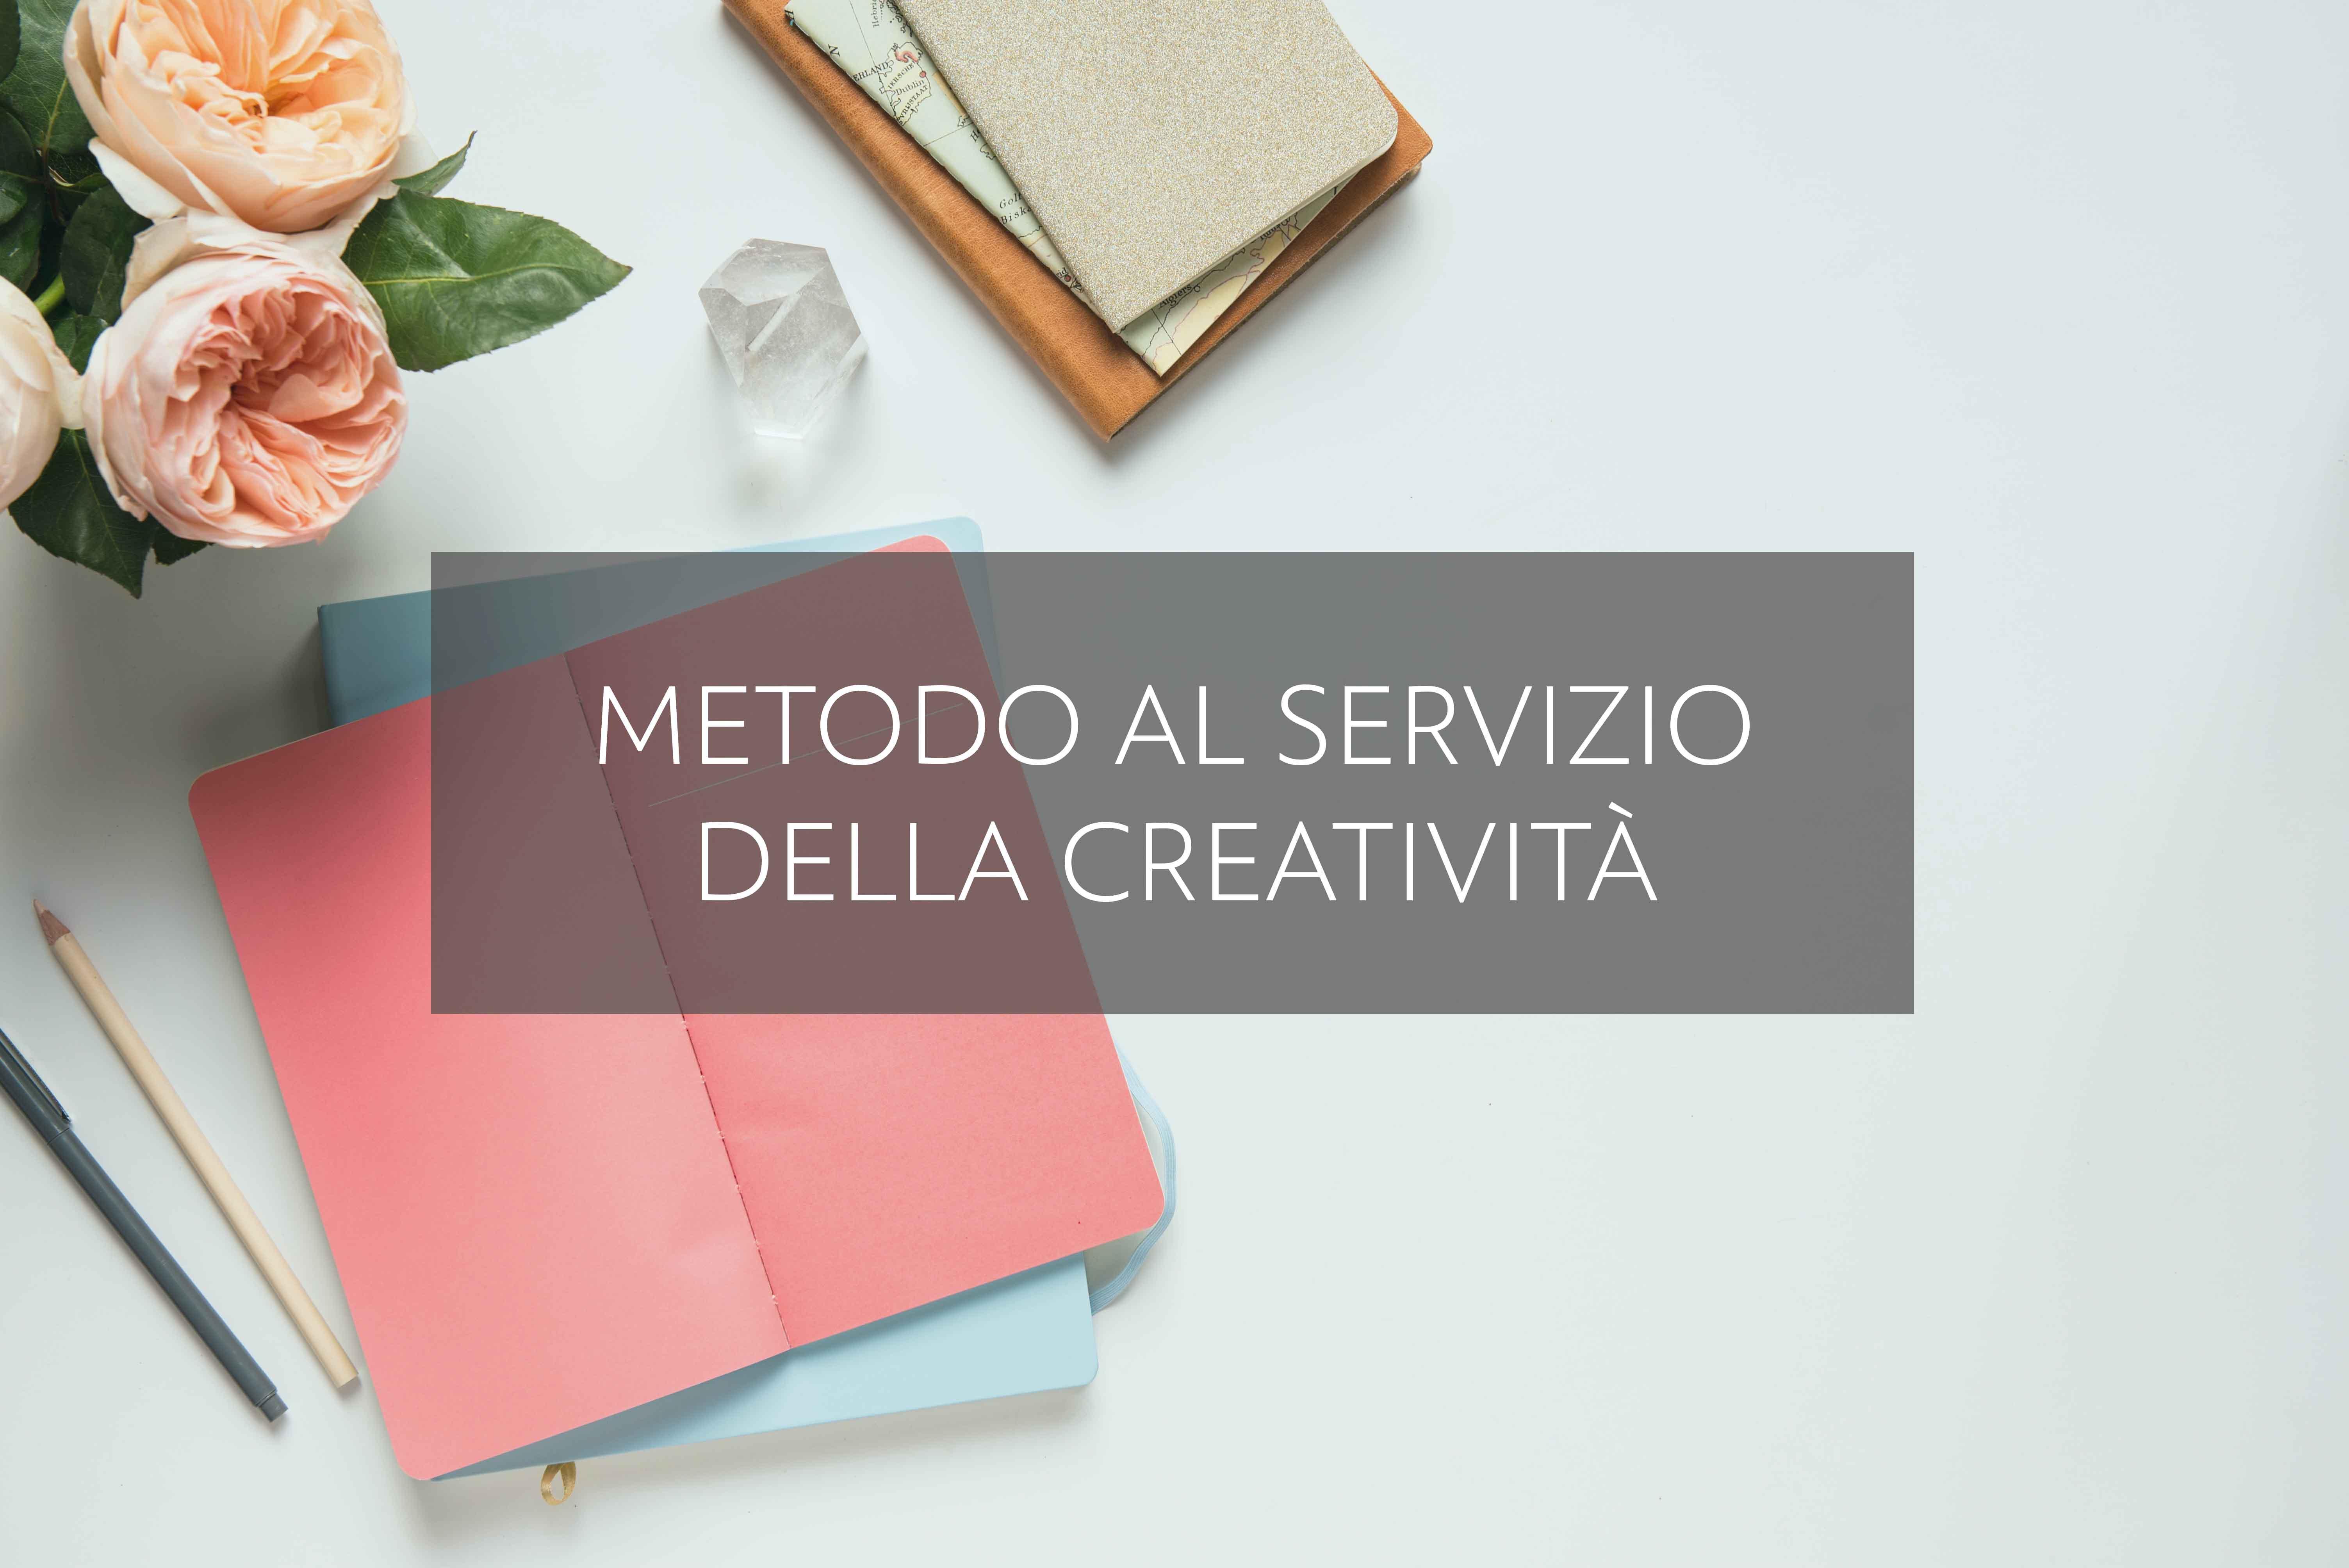 Metodo al servizio della creatività